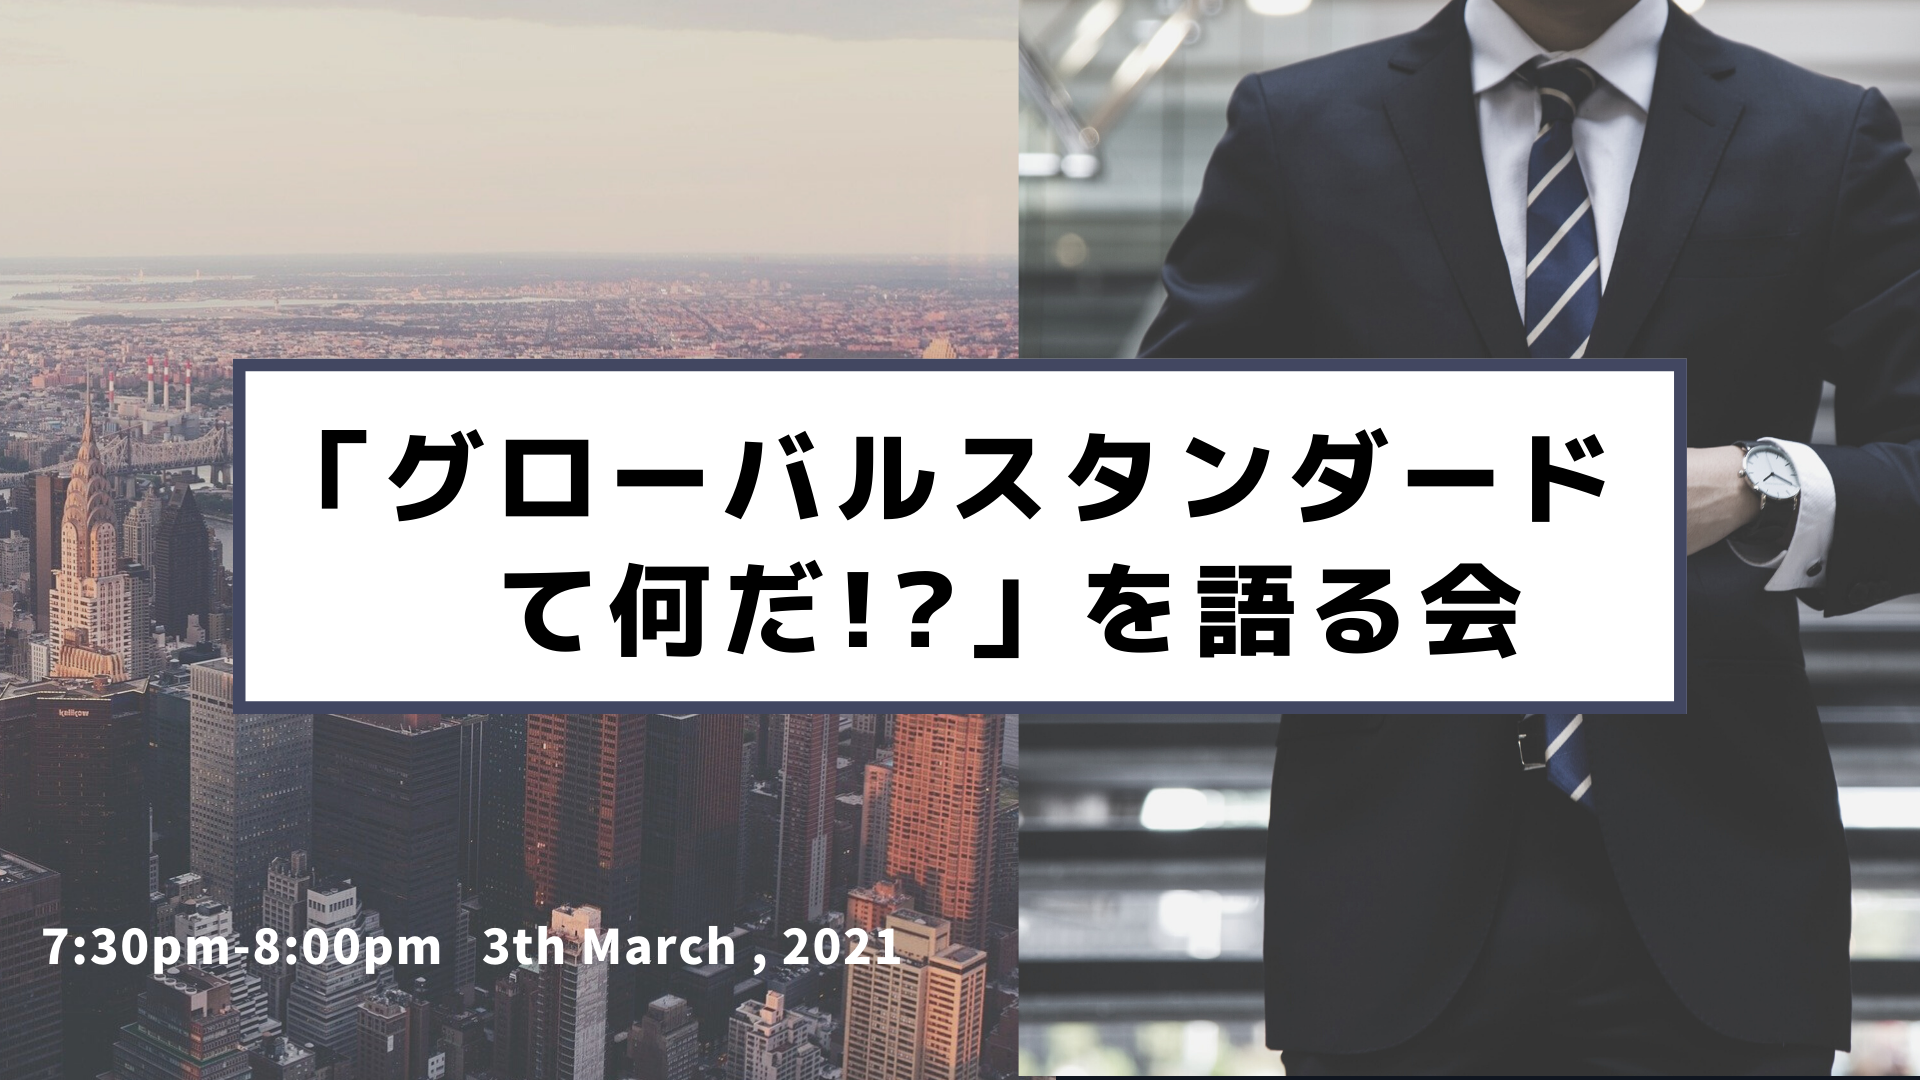 3/3「グローバルスタンダードて何だ」を語る会